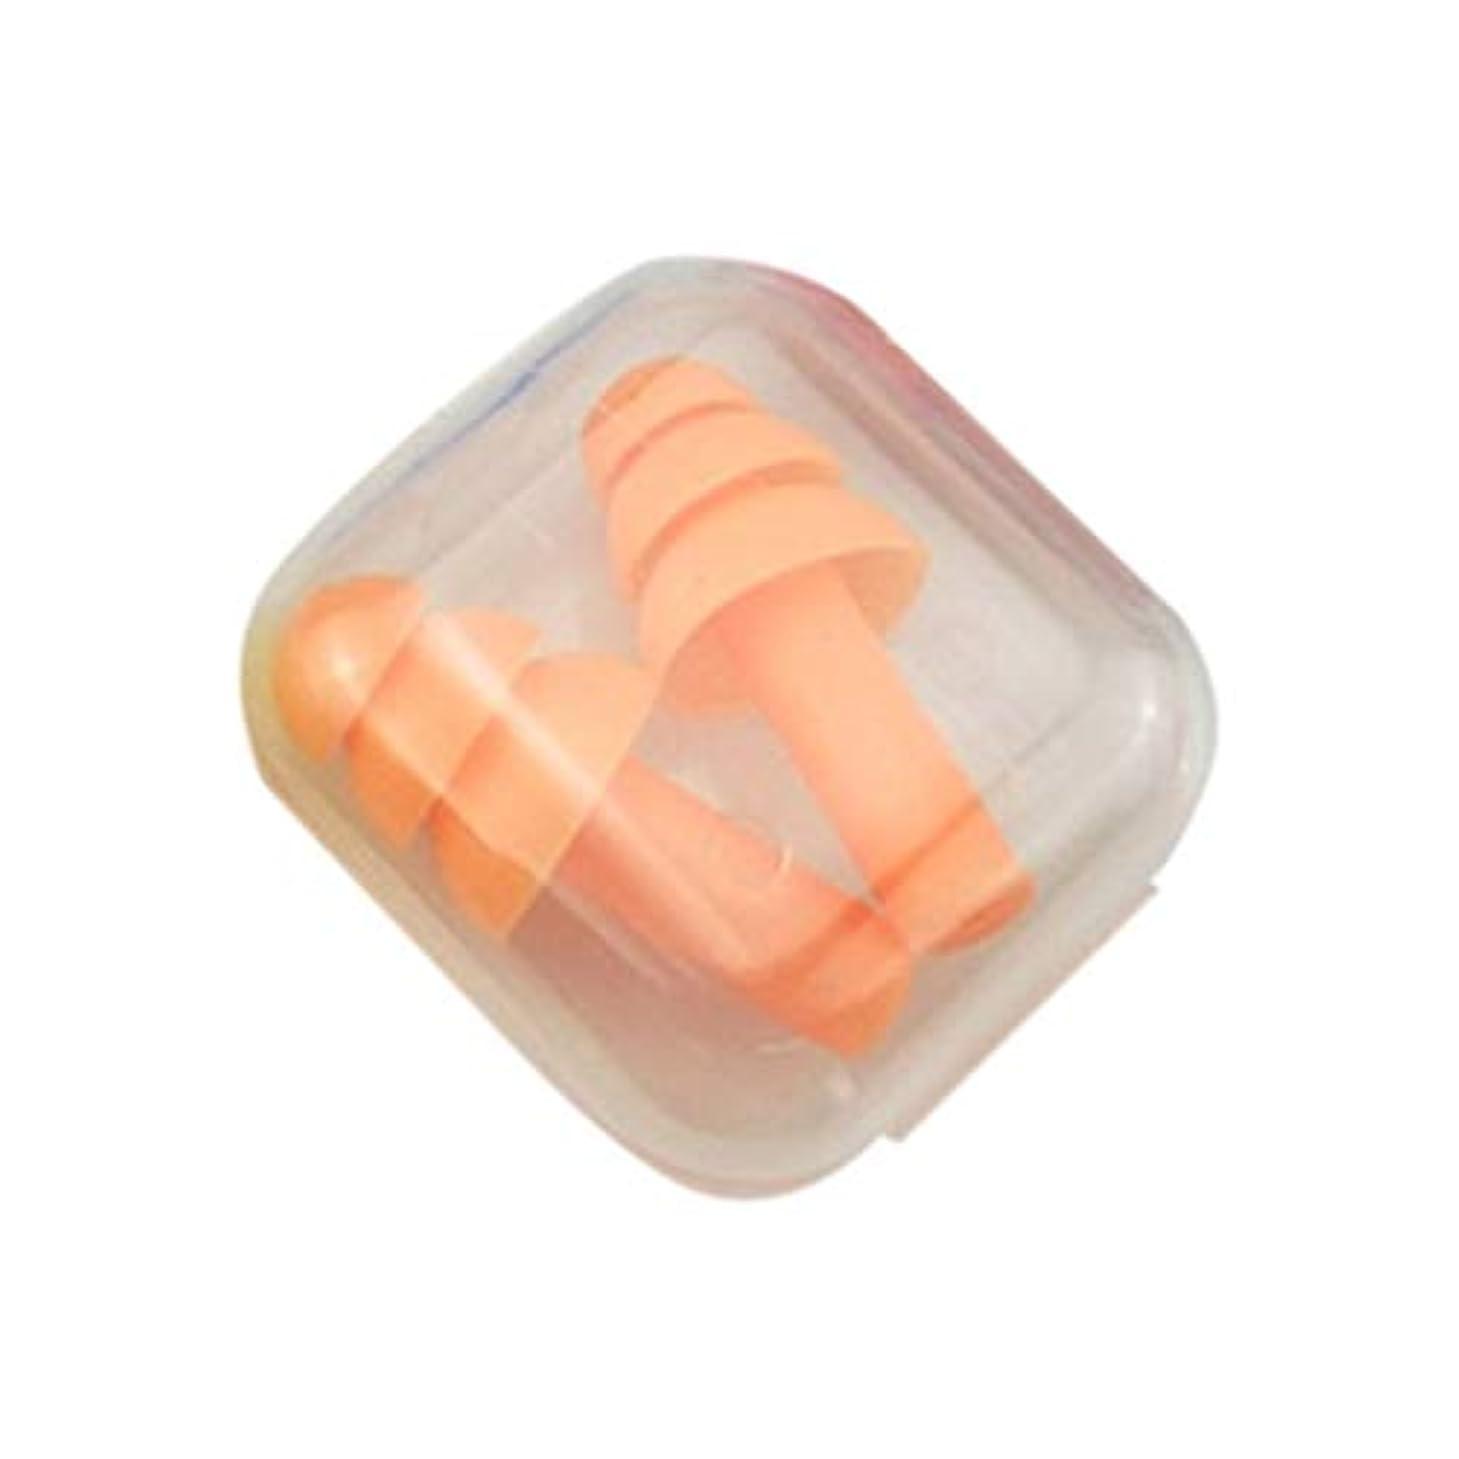 建設軽食アクション柔らかいシリコーンの耳栓遮音用耳の保護用の耳栓防音睡眠ボックス付き収納ボックス - オレンジ